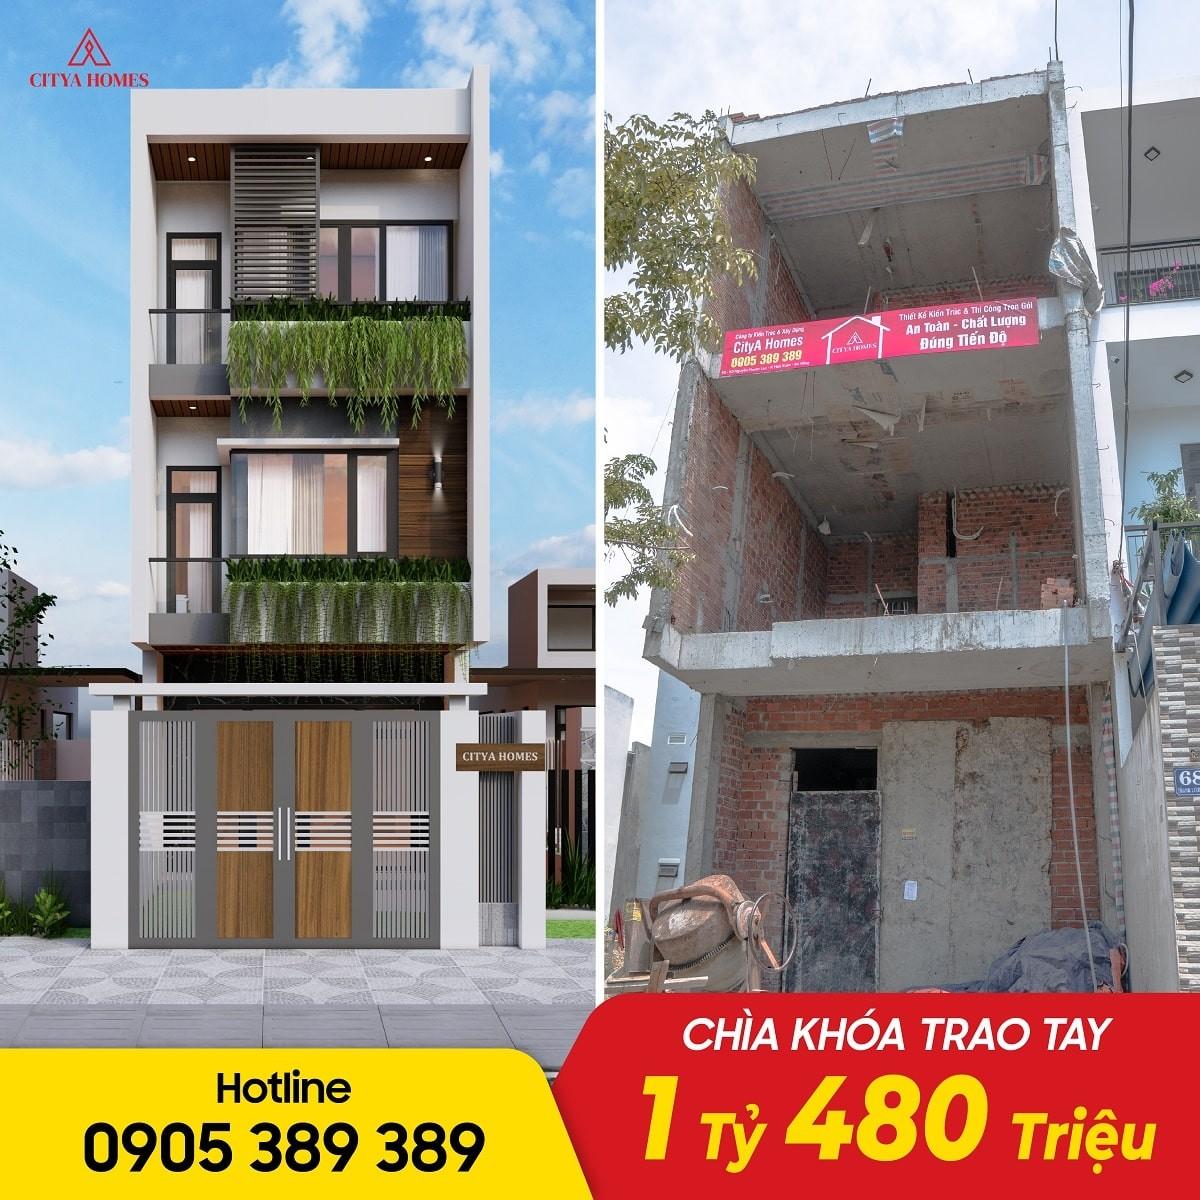 Hình ảnh Thực Tế Nhà Phố 3 Tầng Tone Trắng Đen ở Đà Nẵng